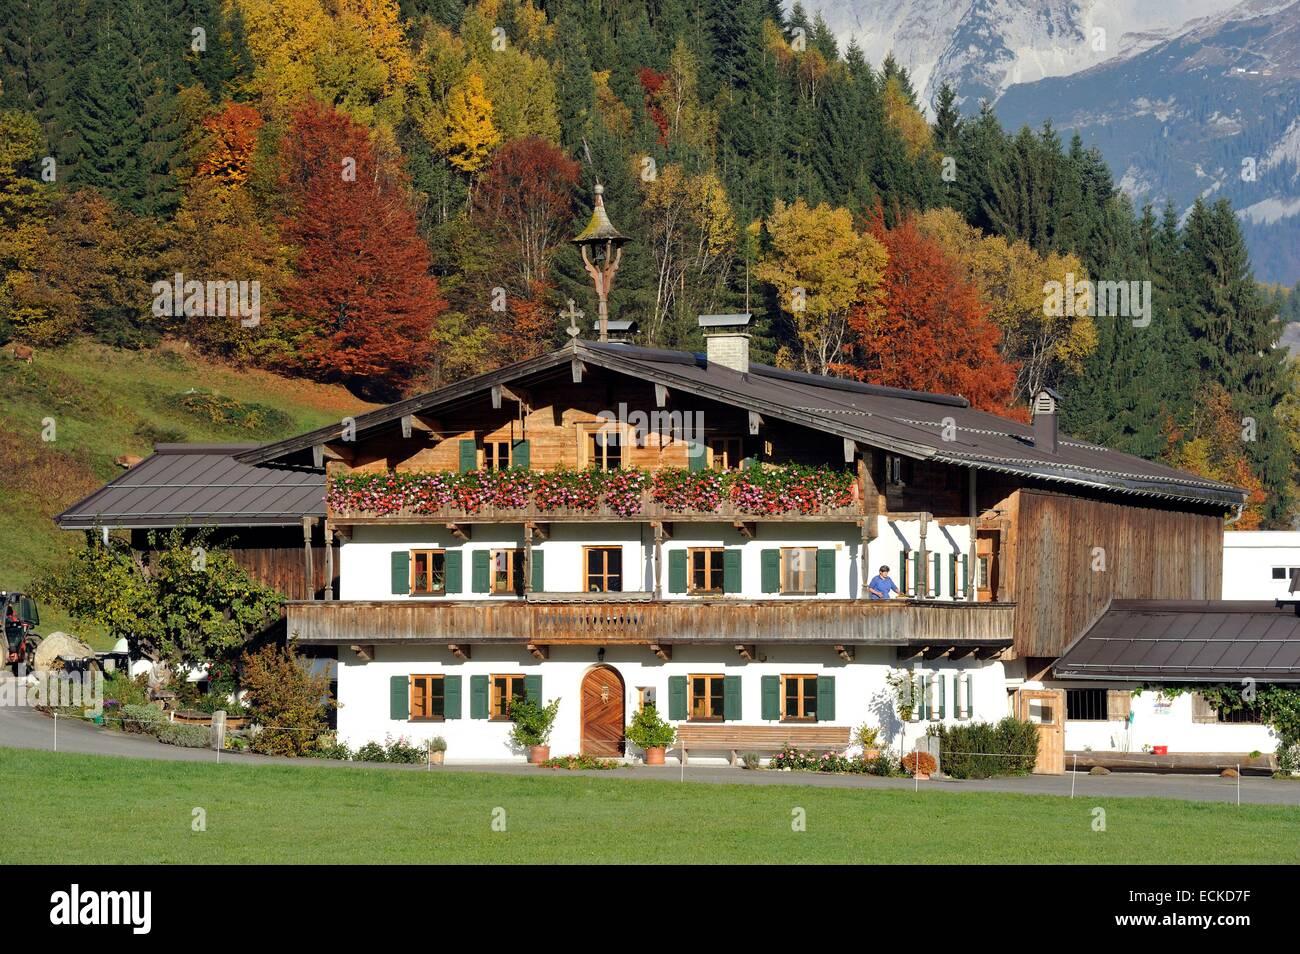 Österreich, Tirol, Oberndorf Im Tyrol, Alpine Landschaft und Hütte Stockbild